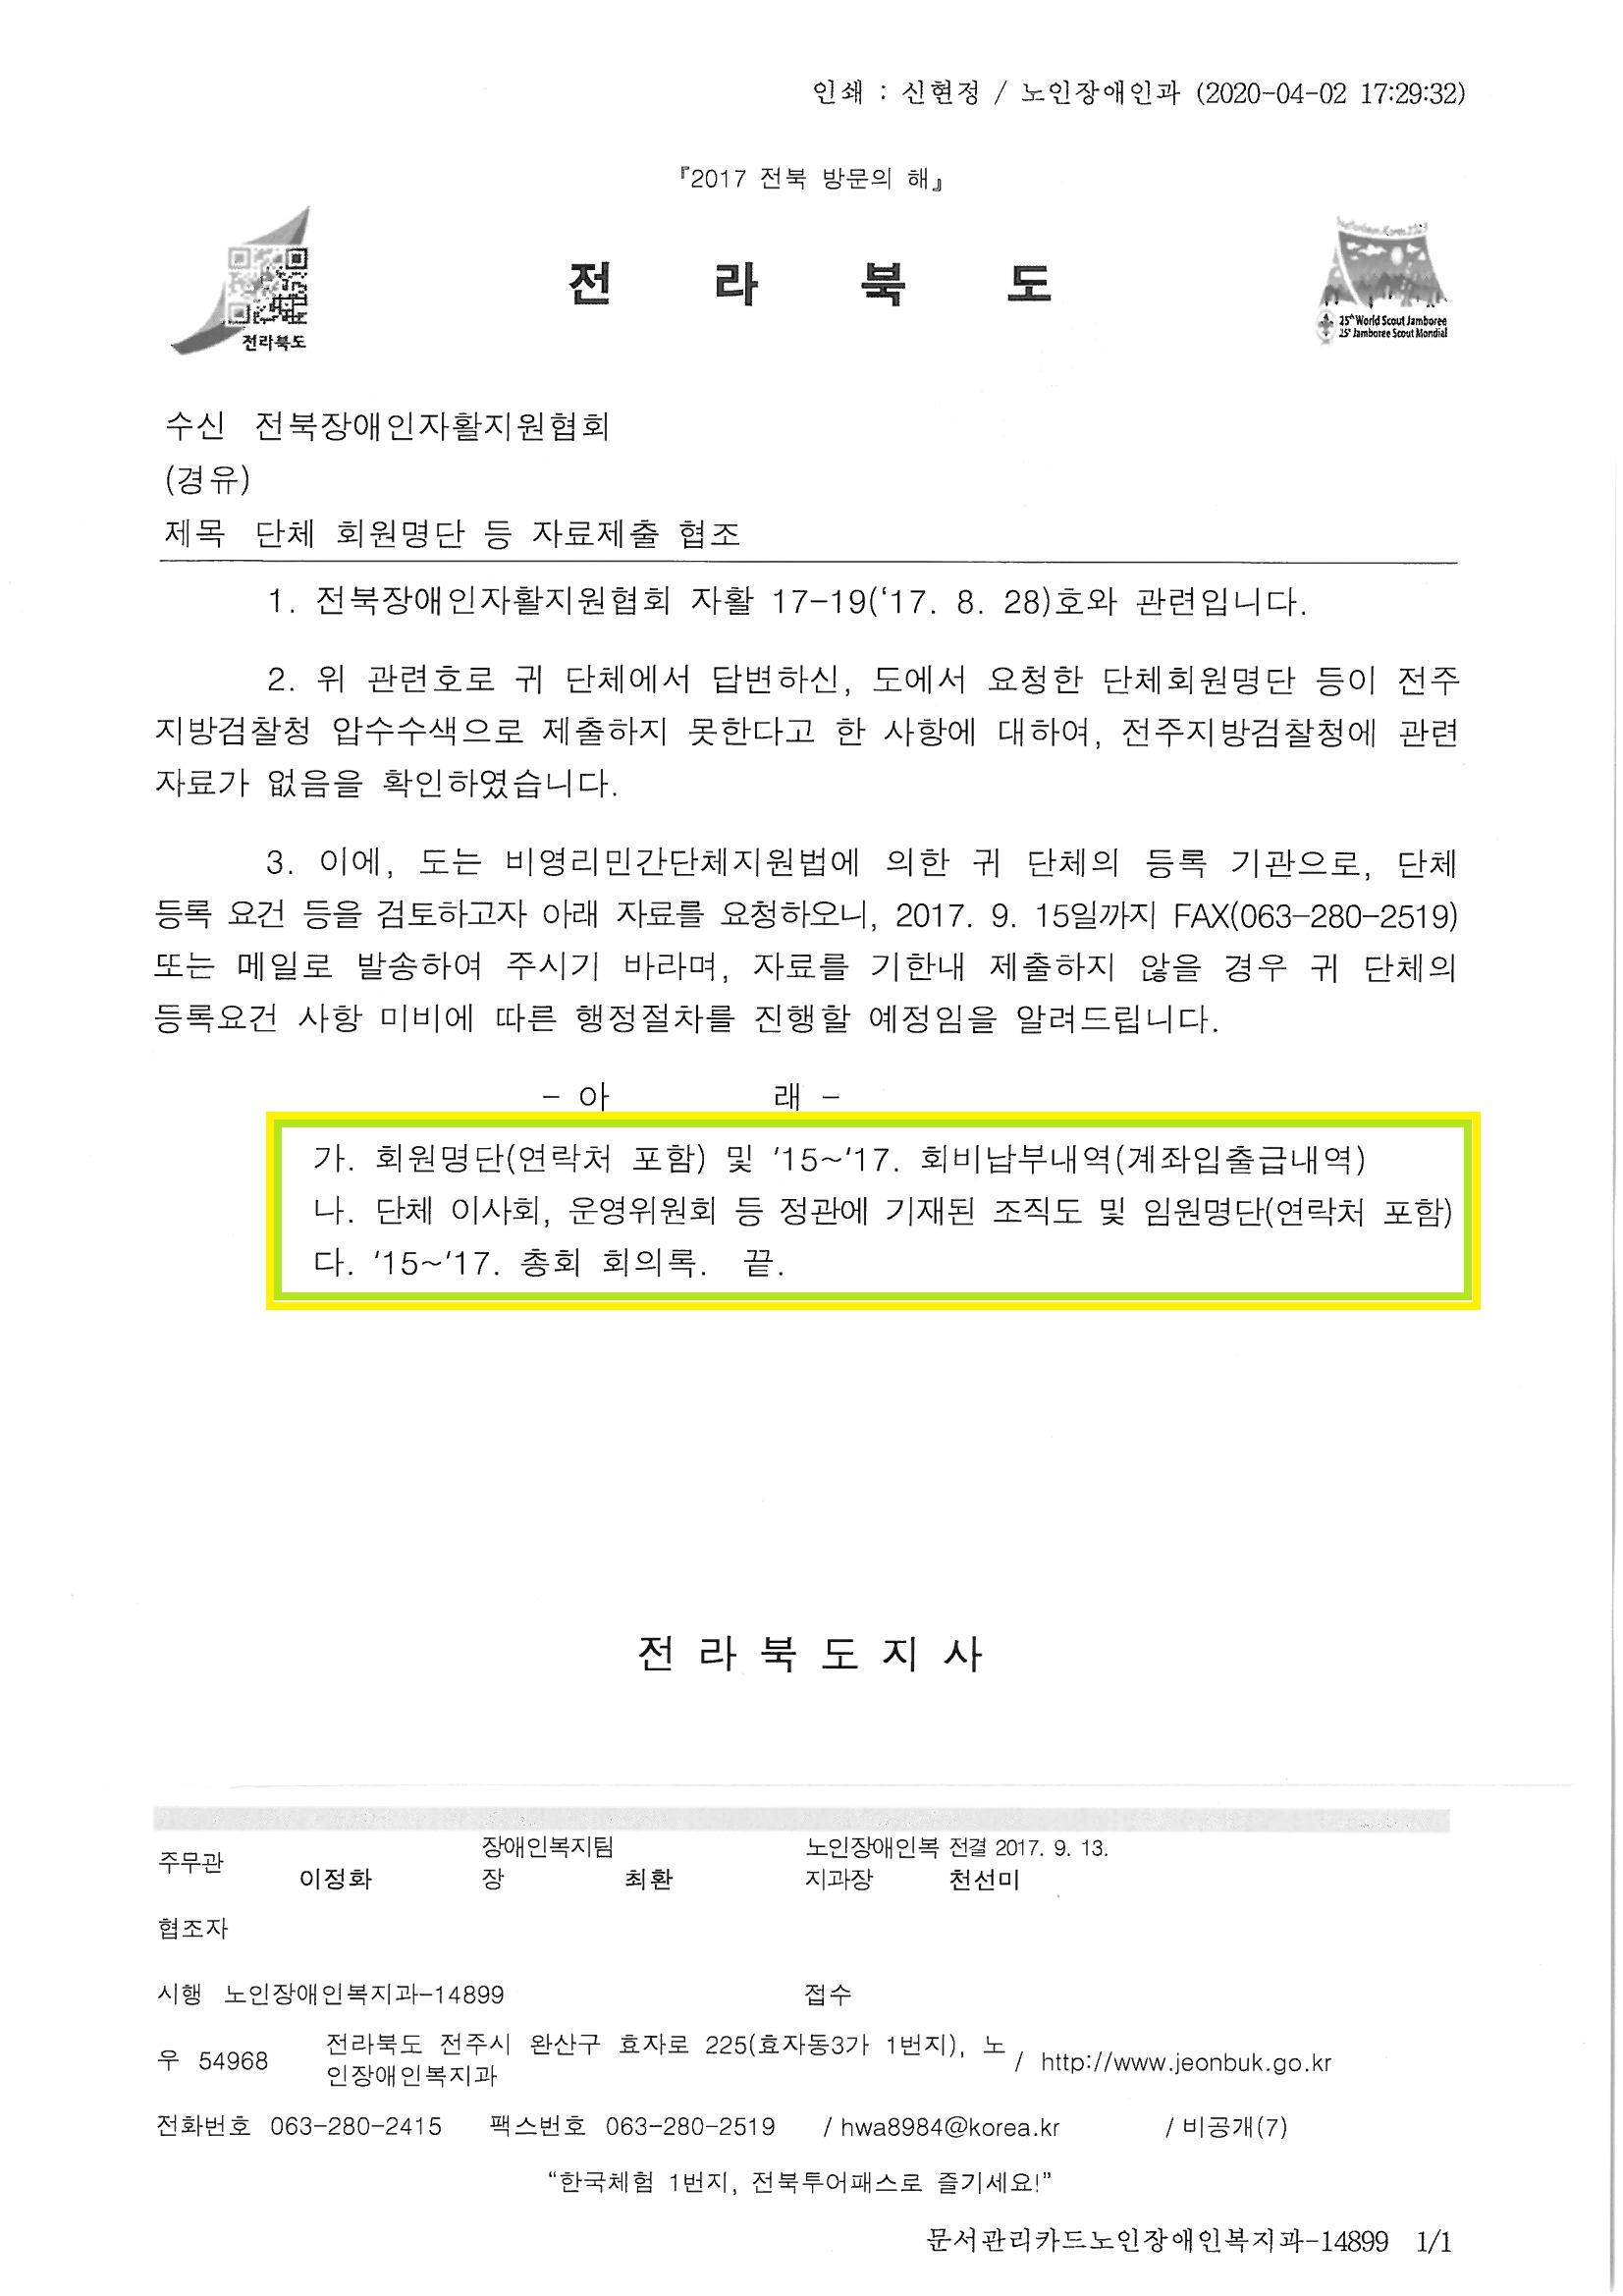 전북장애인자활지원협회 단체등록 말소 관련 정보공개파일_페이지_01_1.jpg